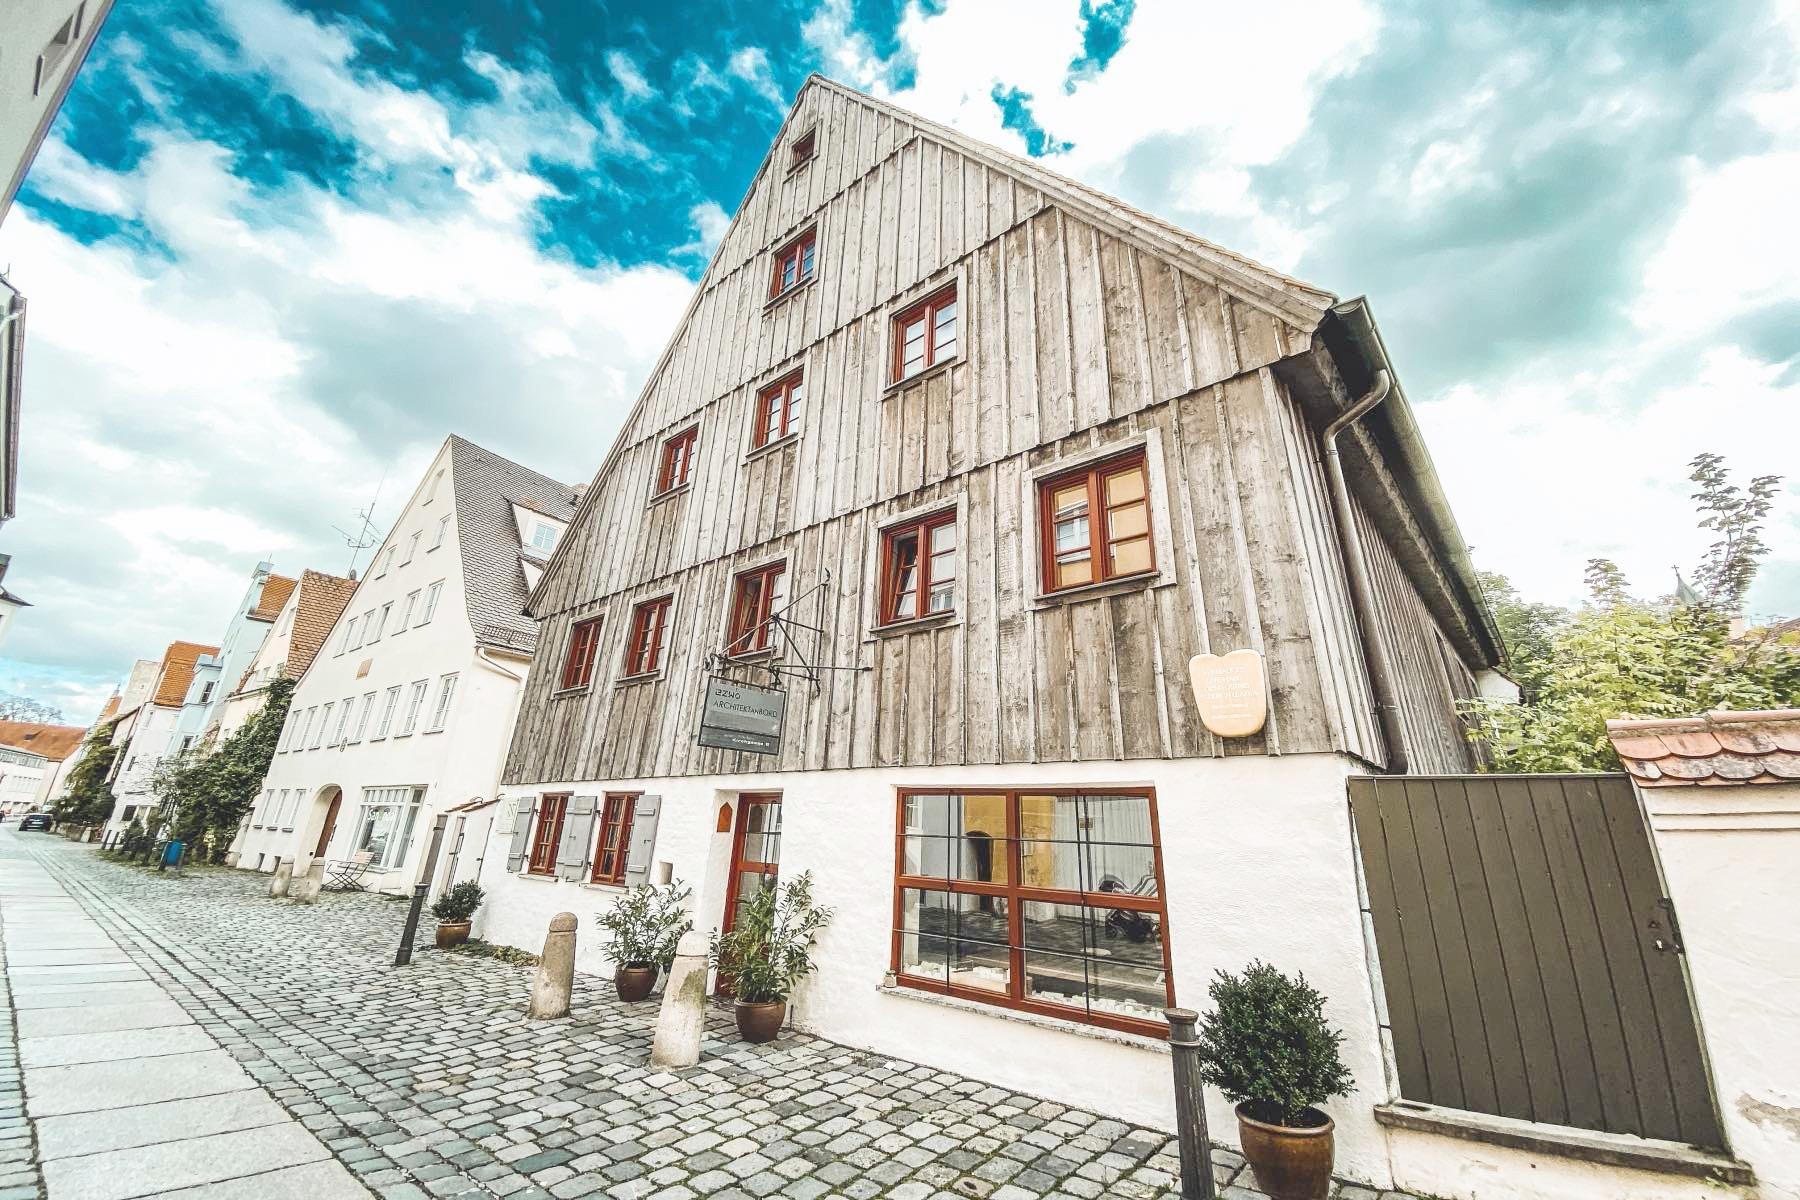 Das Ulrichsviertel grenzt an das Lechviertel und bildet mit ihm zusammen den Stadtbezirk Nr. 1.